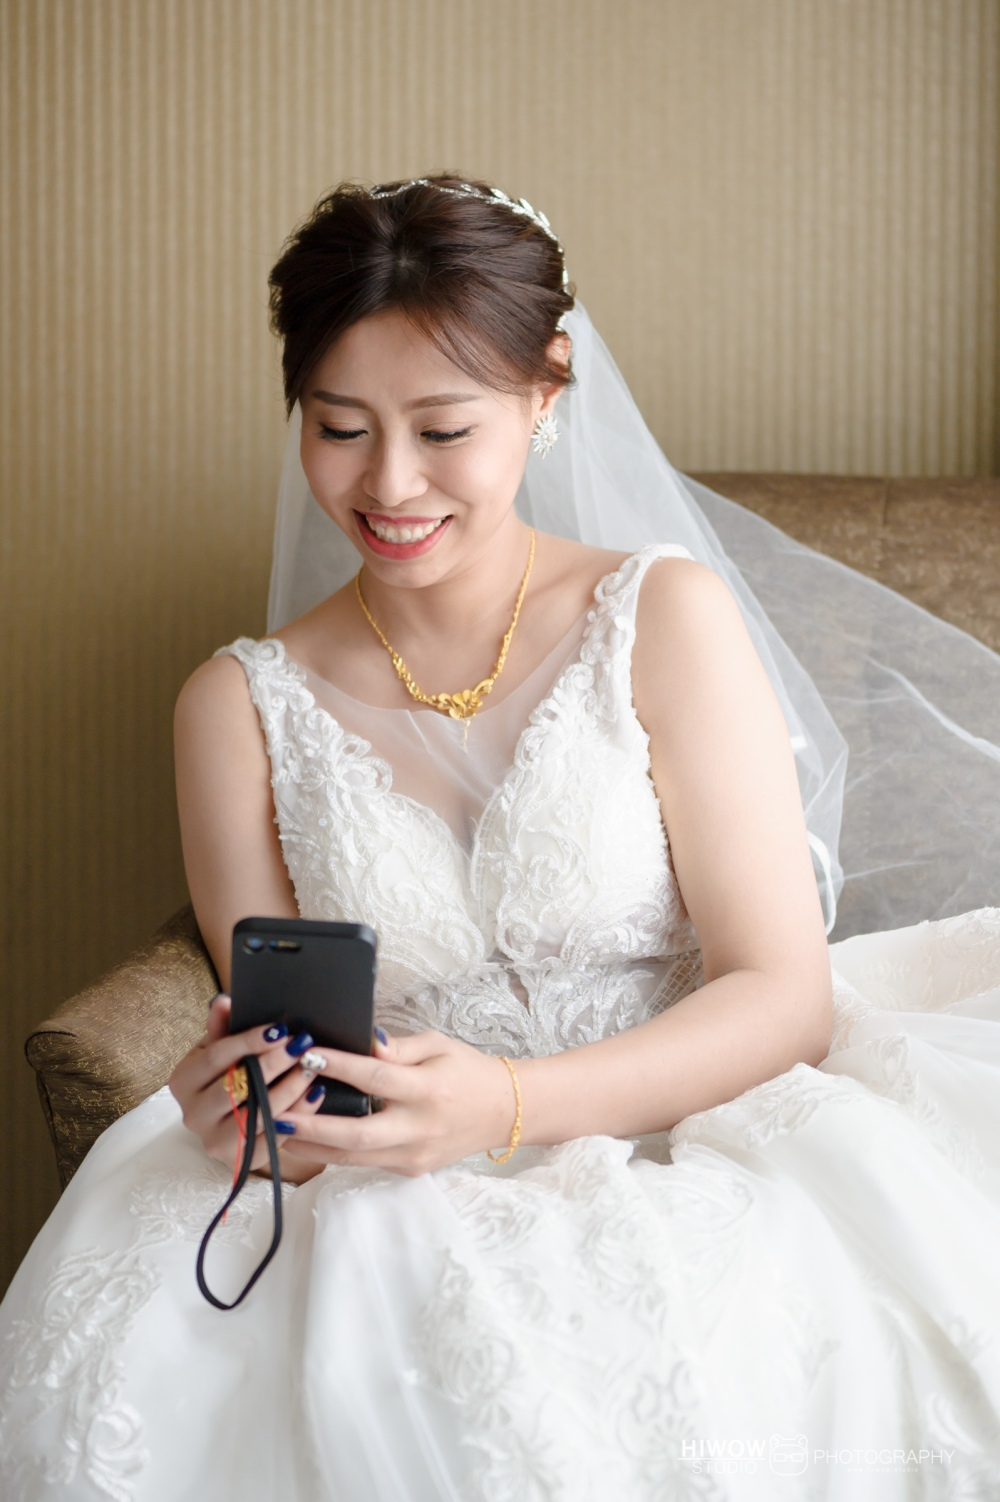 海蛙攝影:austin:hiwal.studio:婚攝:自助婚紗:婚禮紀錄:三重:彭園52